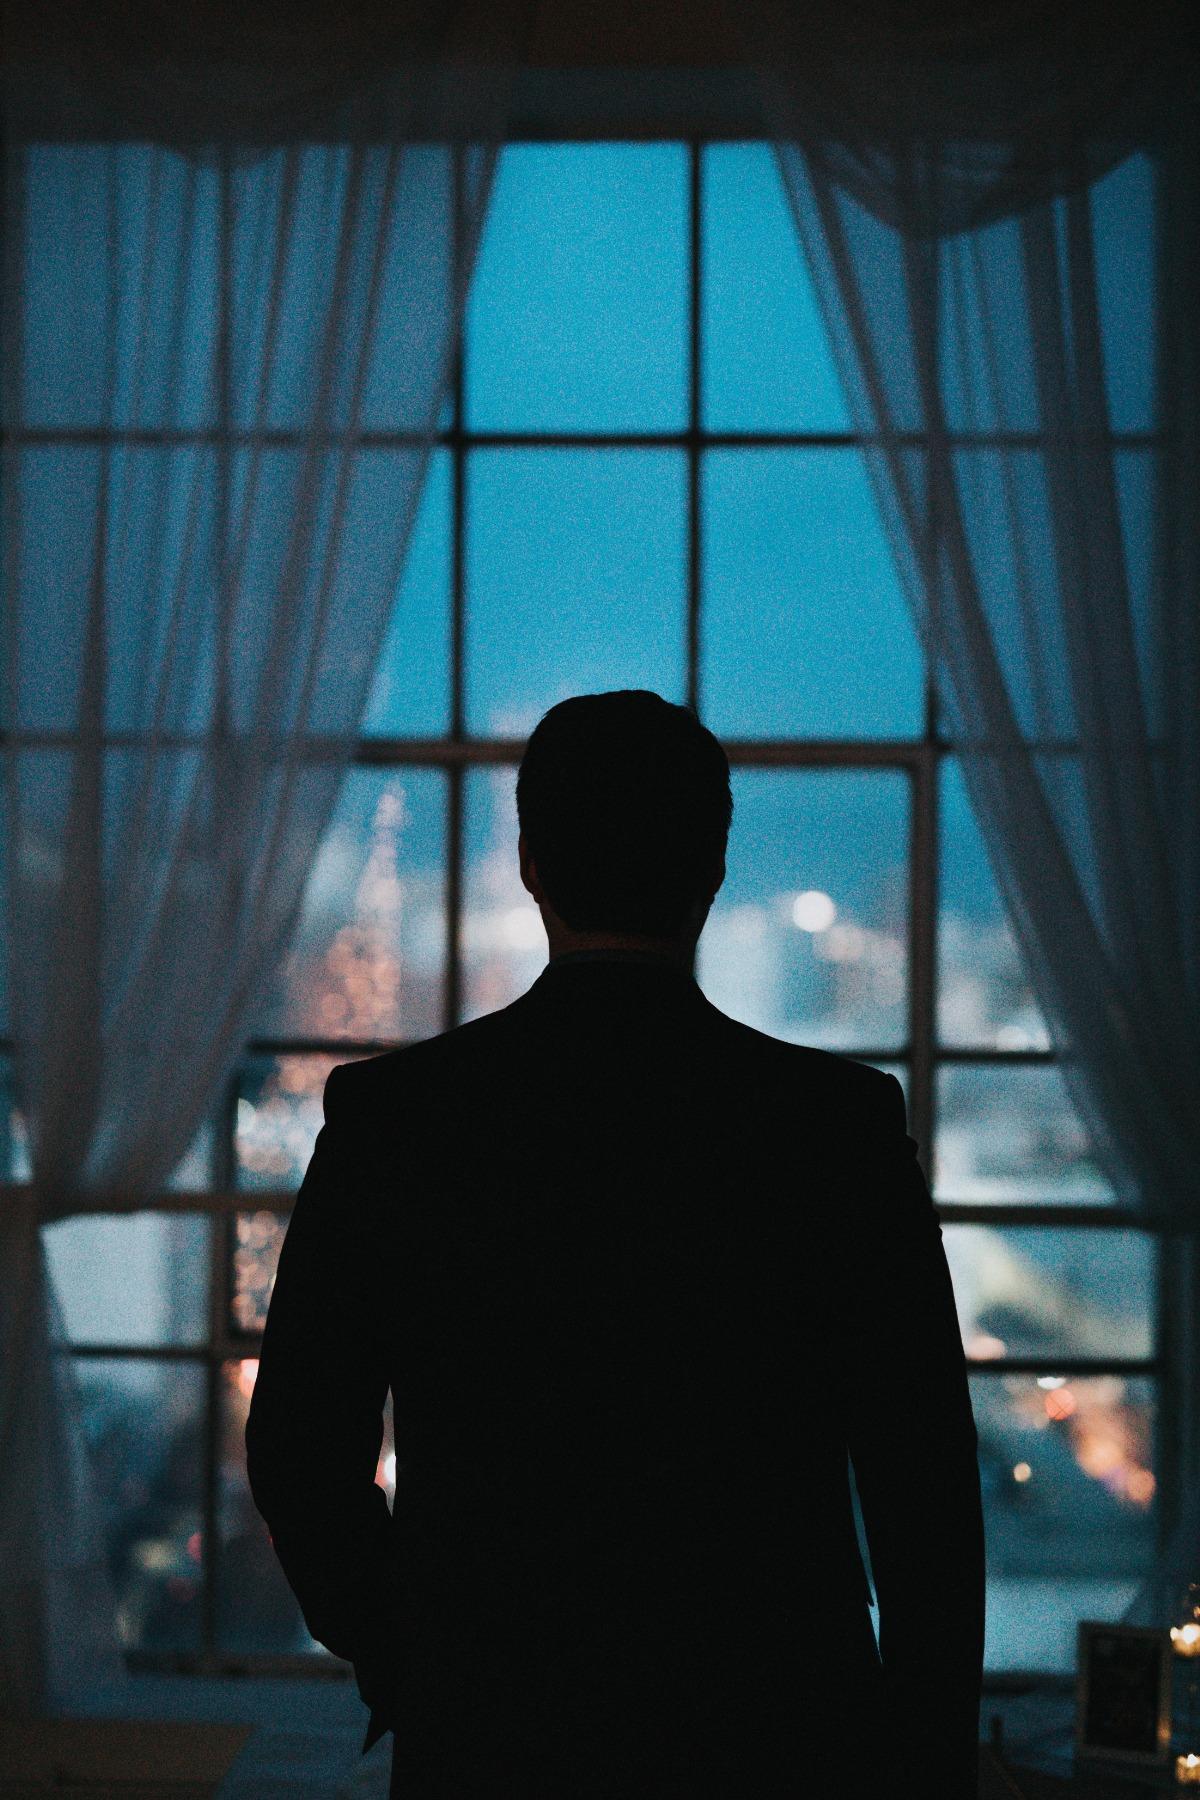 Man at Window Silouhette.jpg